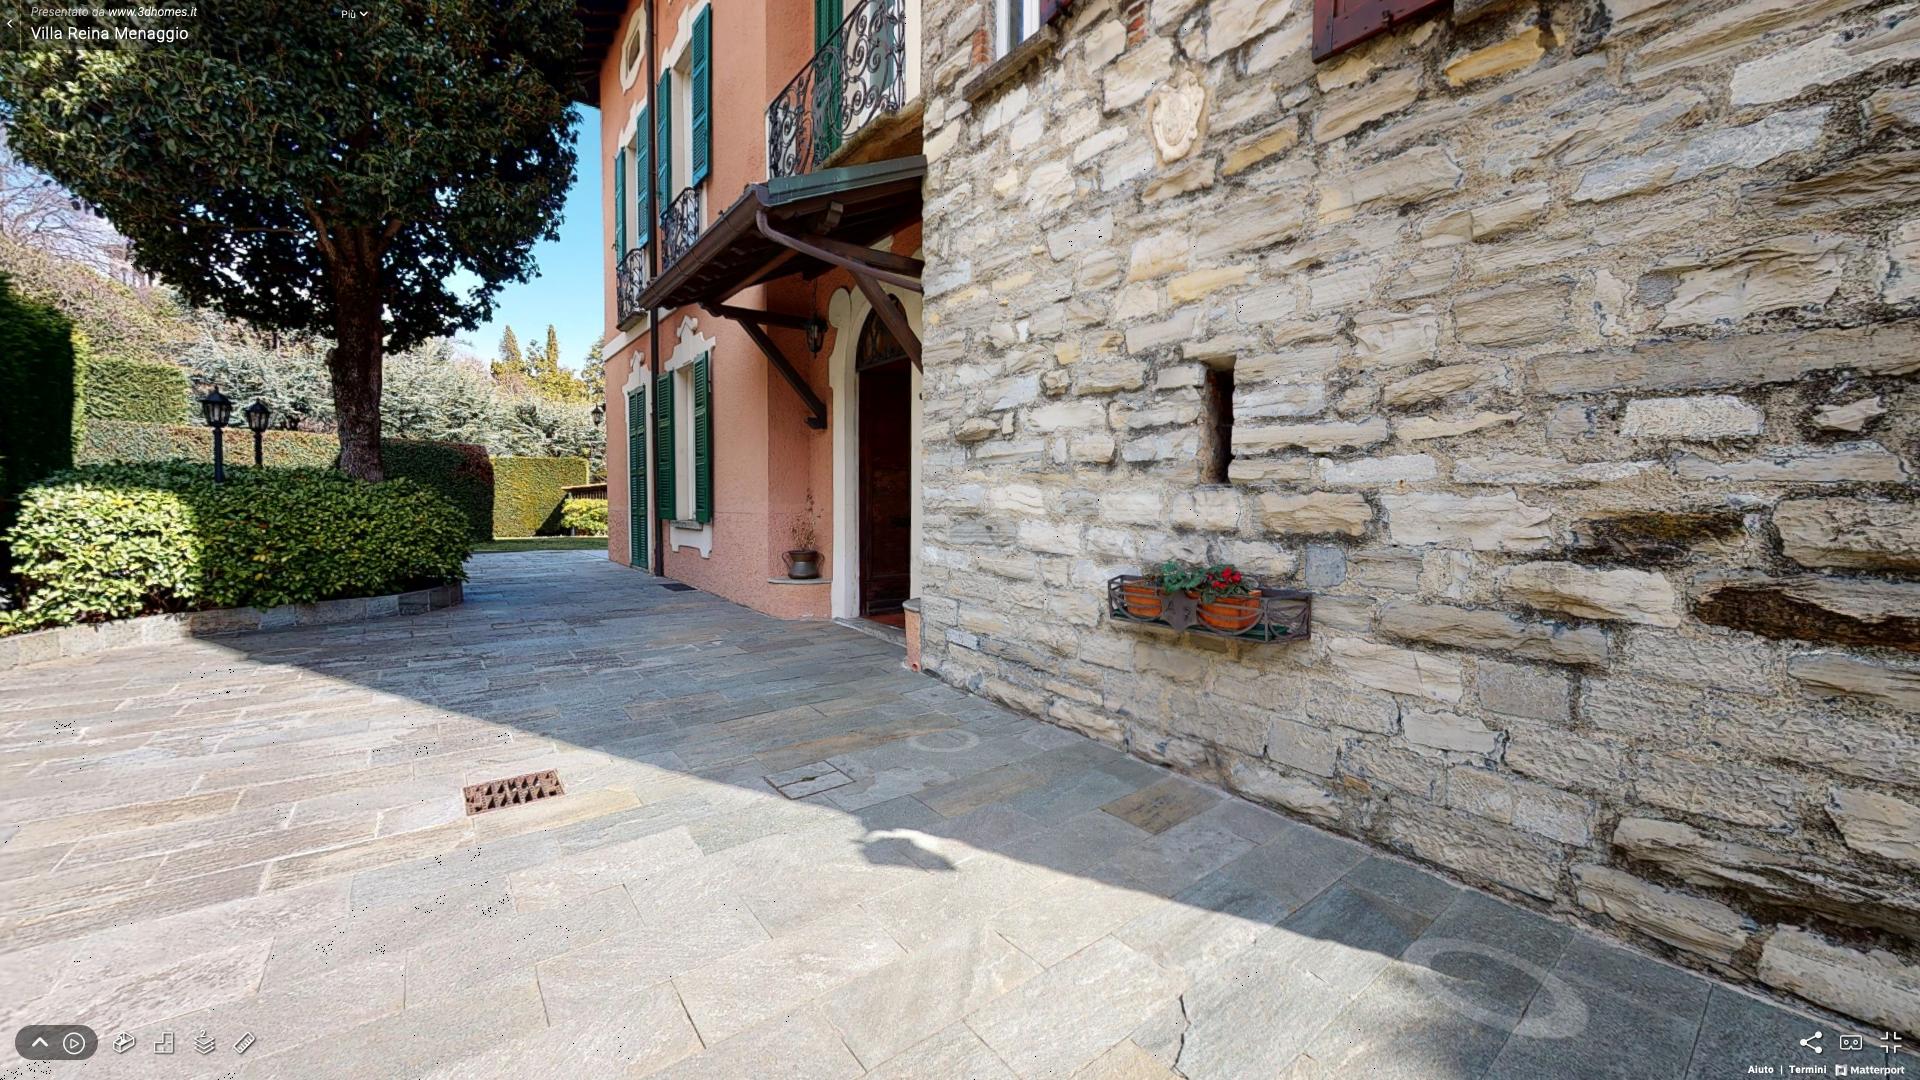 Villa Reina : Splendida Villa d